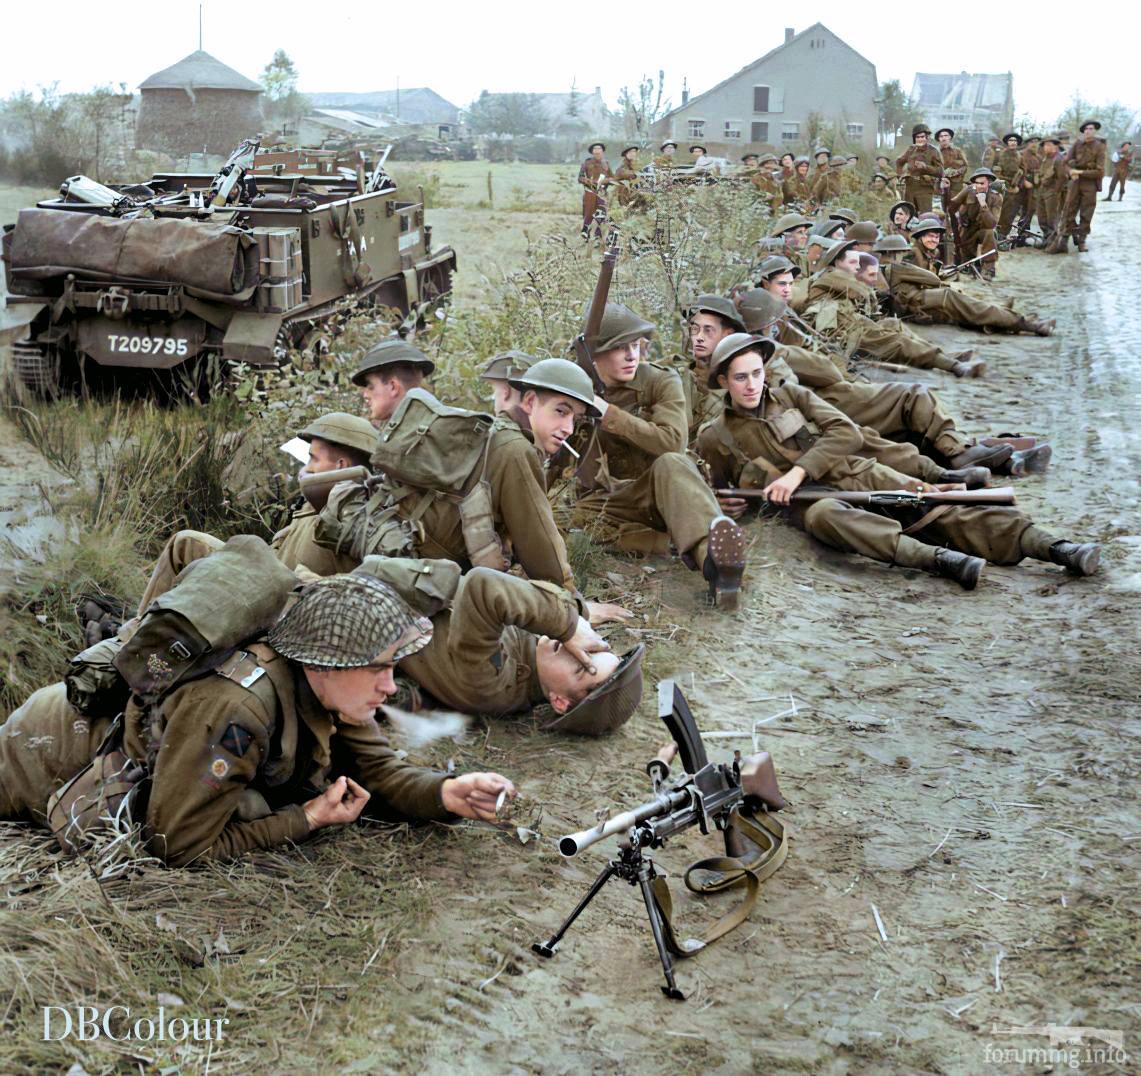 115155 - Военное фото 1939-1945 г.г. Западный фронт и Африка.